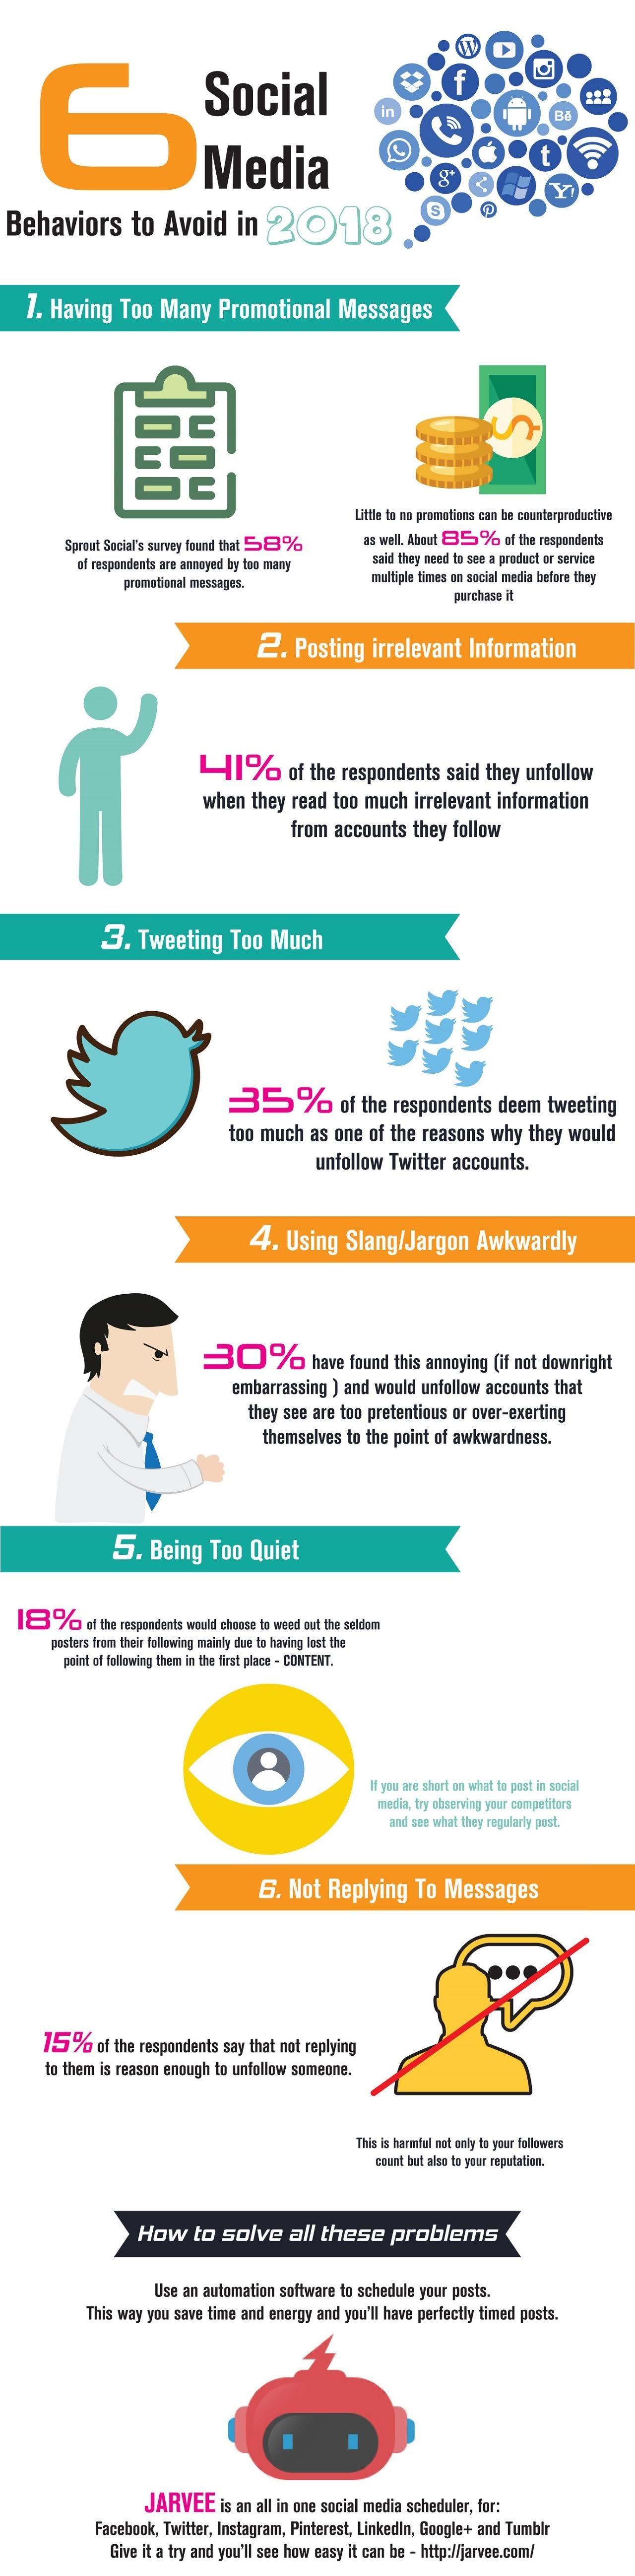 6 Social Media Behaviors To Avoid In 2018 #infographic